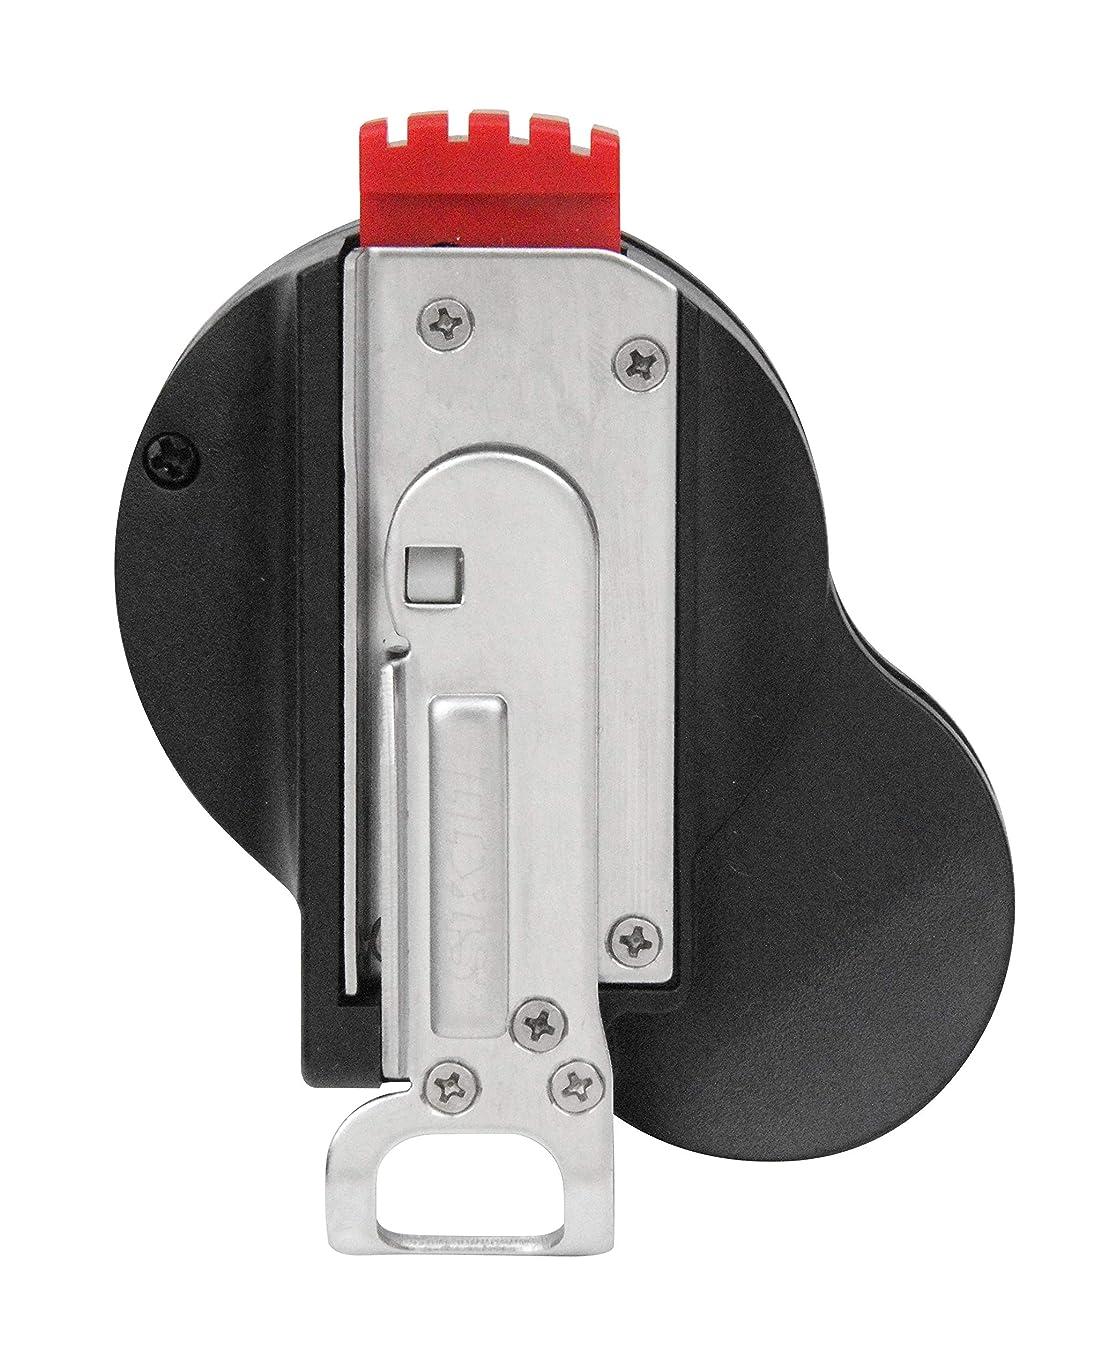 ジェット名誉ある踊り子SK11(エスケー11) コンベックスホルダー 専用アタッチメント不要 SCBH-F 国内メーカーほぼ対応 安全コード取付金具付き